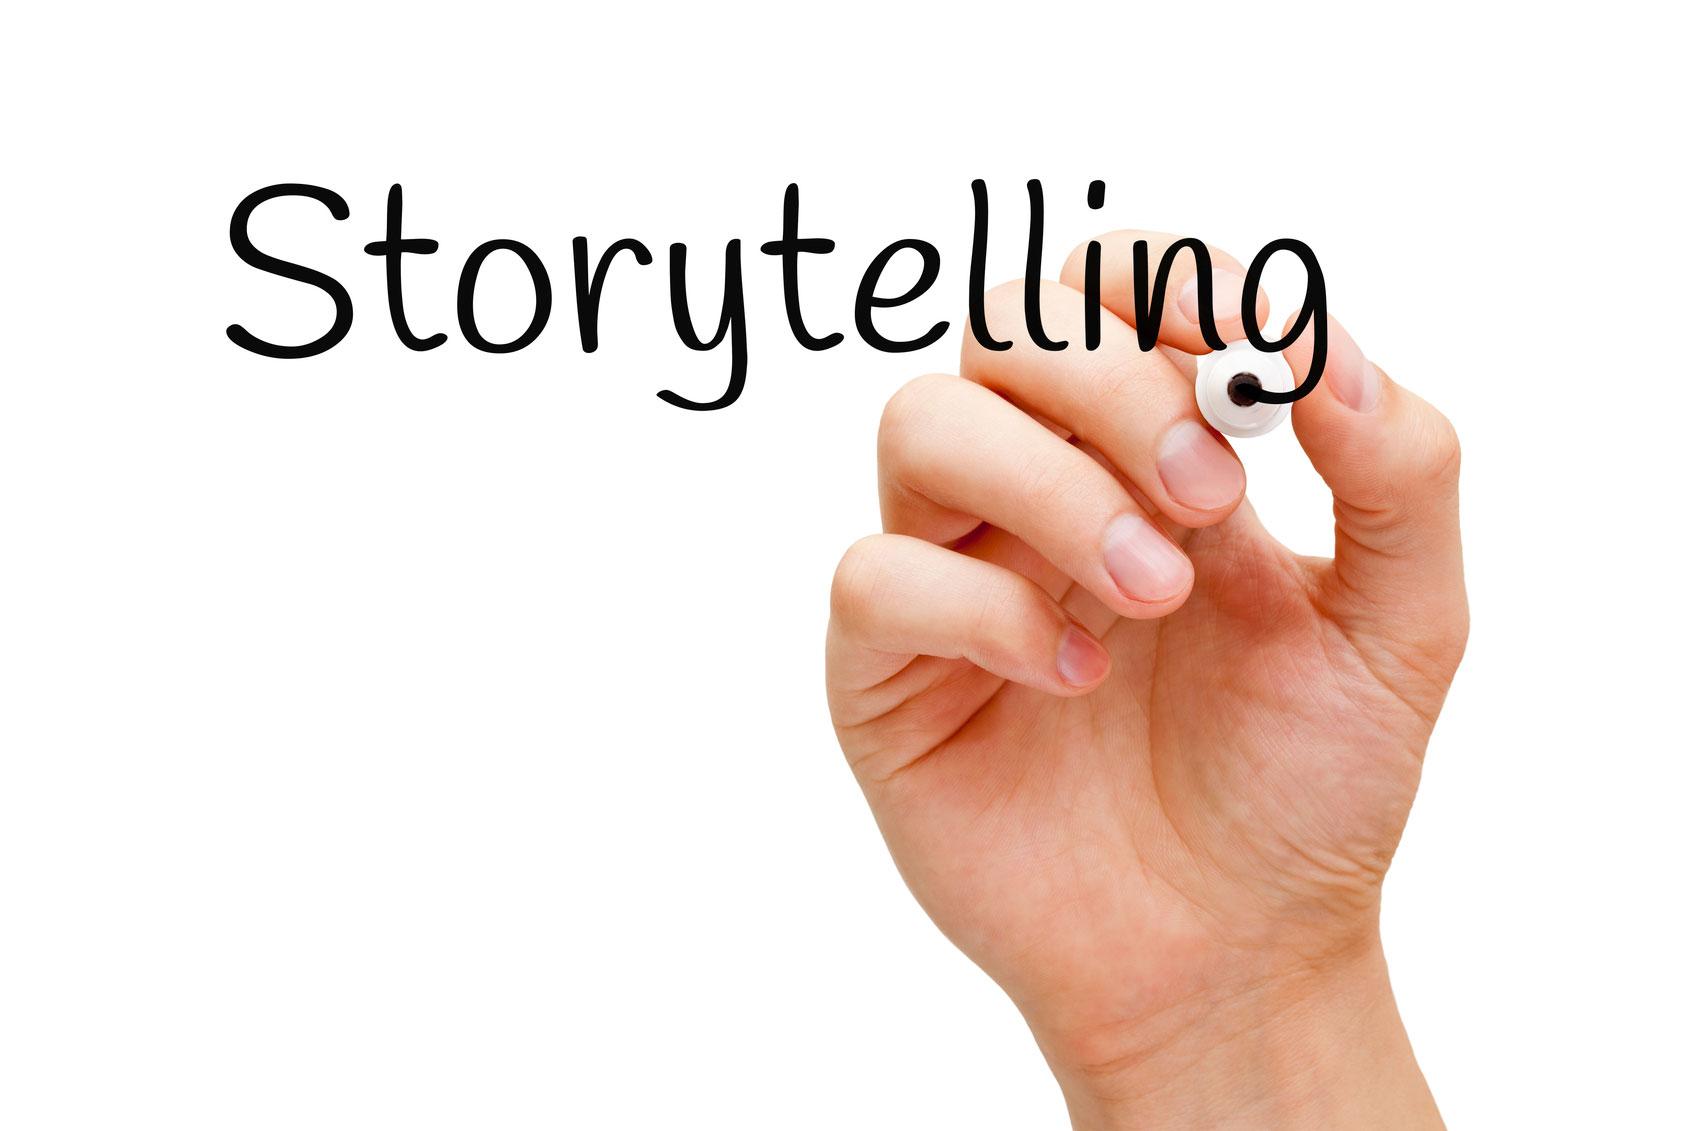 Erzählen Sie Ihre Geschichte – mit Herzblut! Bildquelle: iStock, marekuliasz